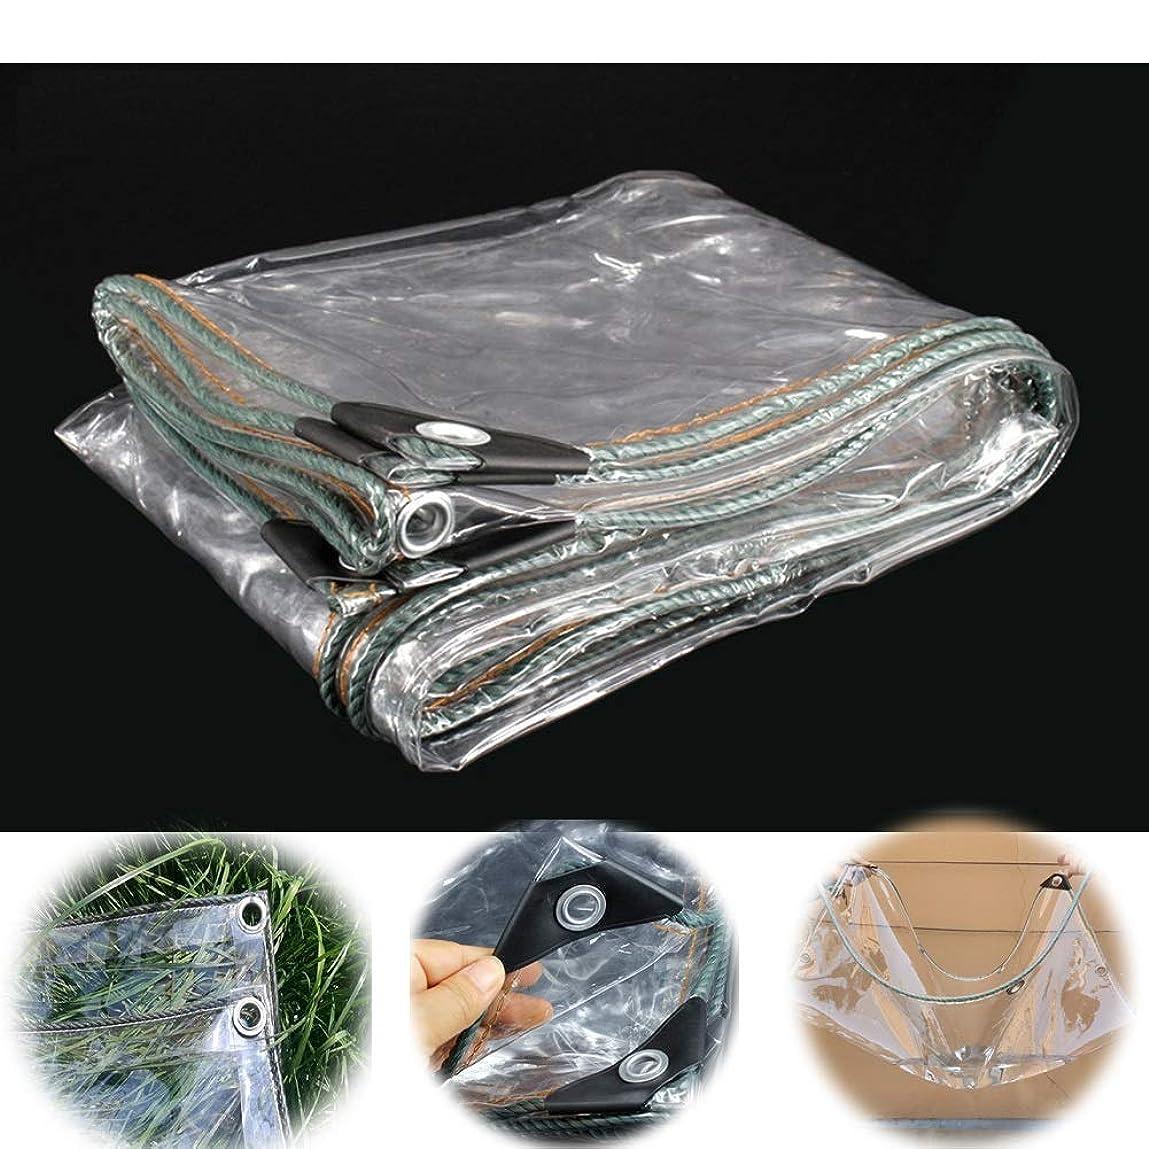 旅行分散合計GZHENH 防水 UVシート防水 アイレット付き 防風 家具カバー パティオ テーブルと椅子 防雨防水シート 、カスタマイズ可能 (Color : 明確な, Size : 1x8m)